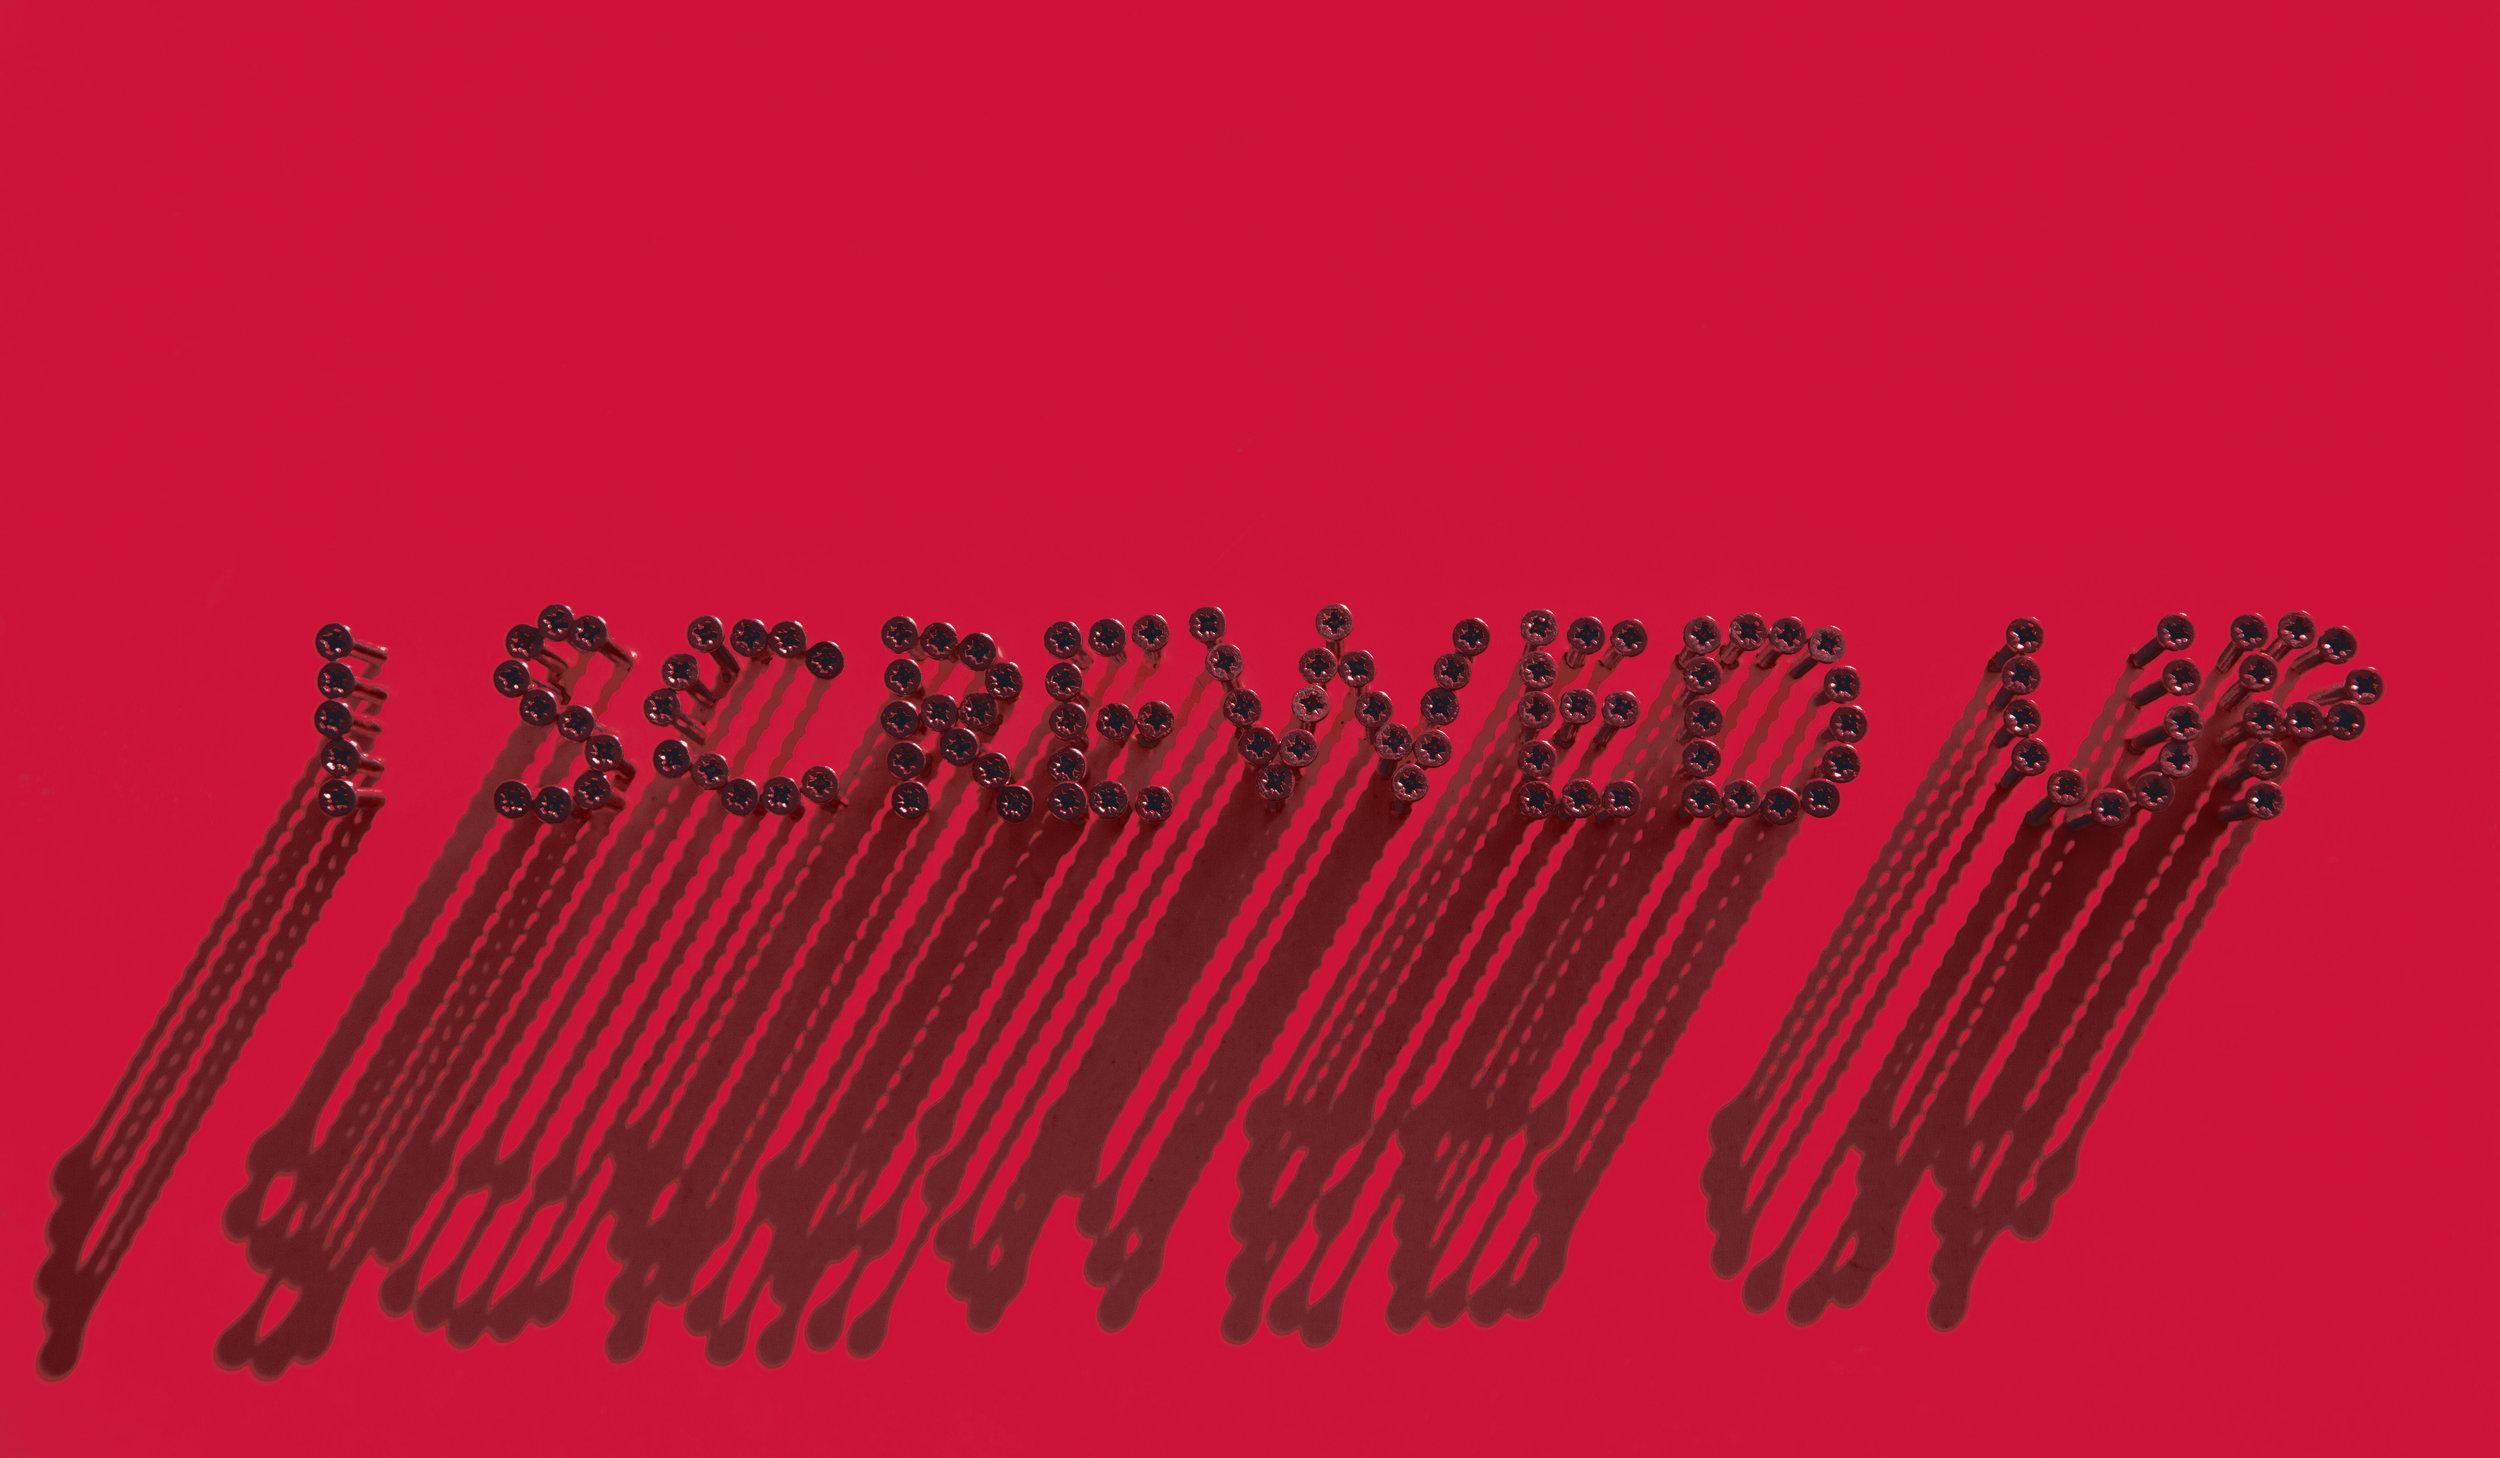 iscrewedup.jpg